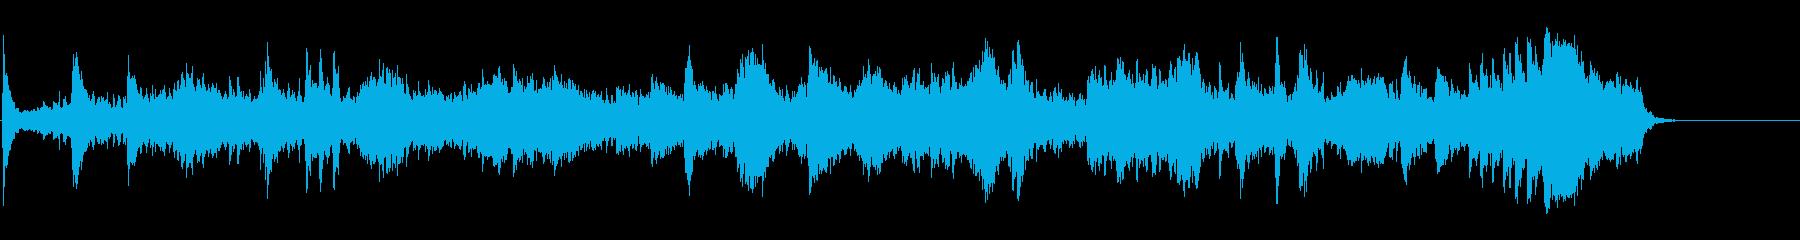 生命の芽生えを感じさせる神秘的な環境音楽の再生済みの波形